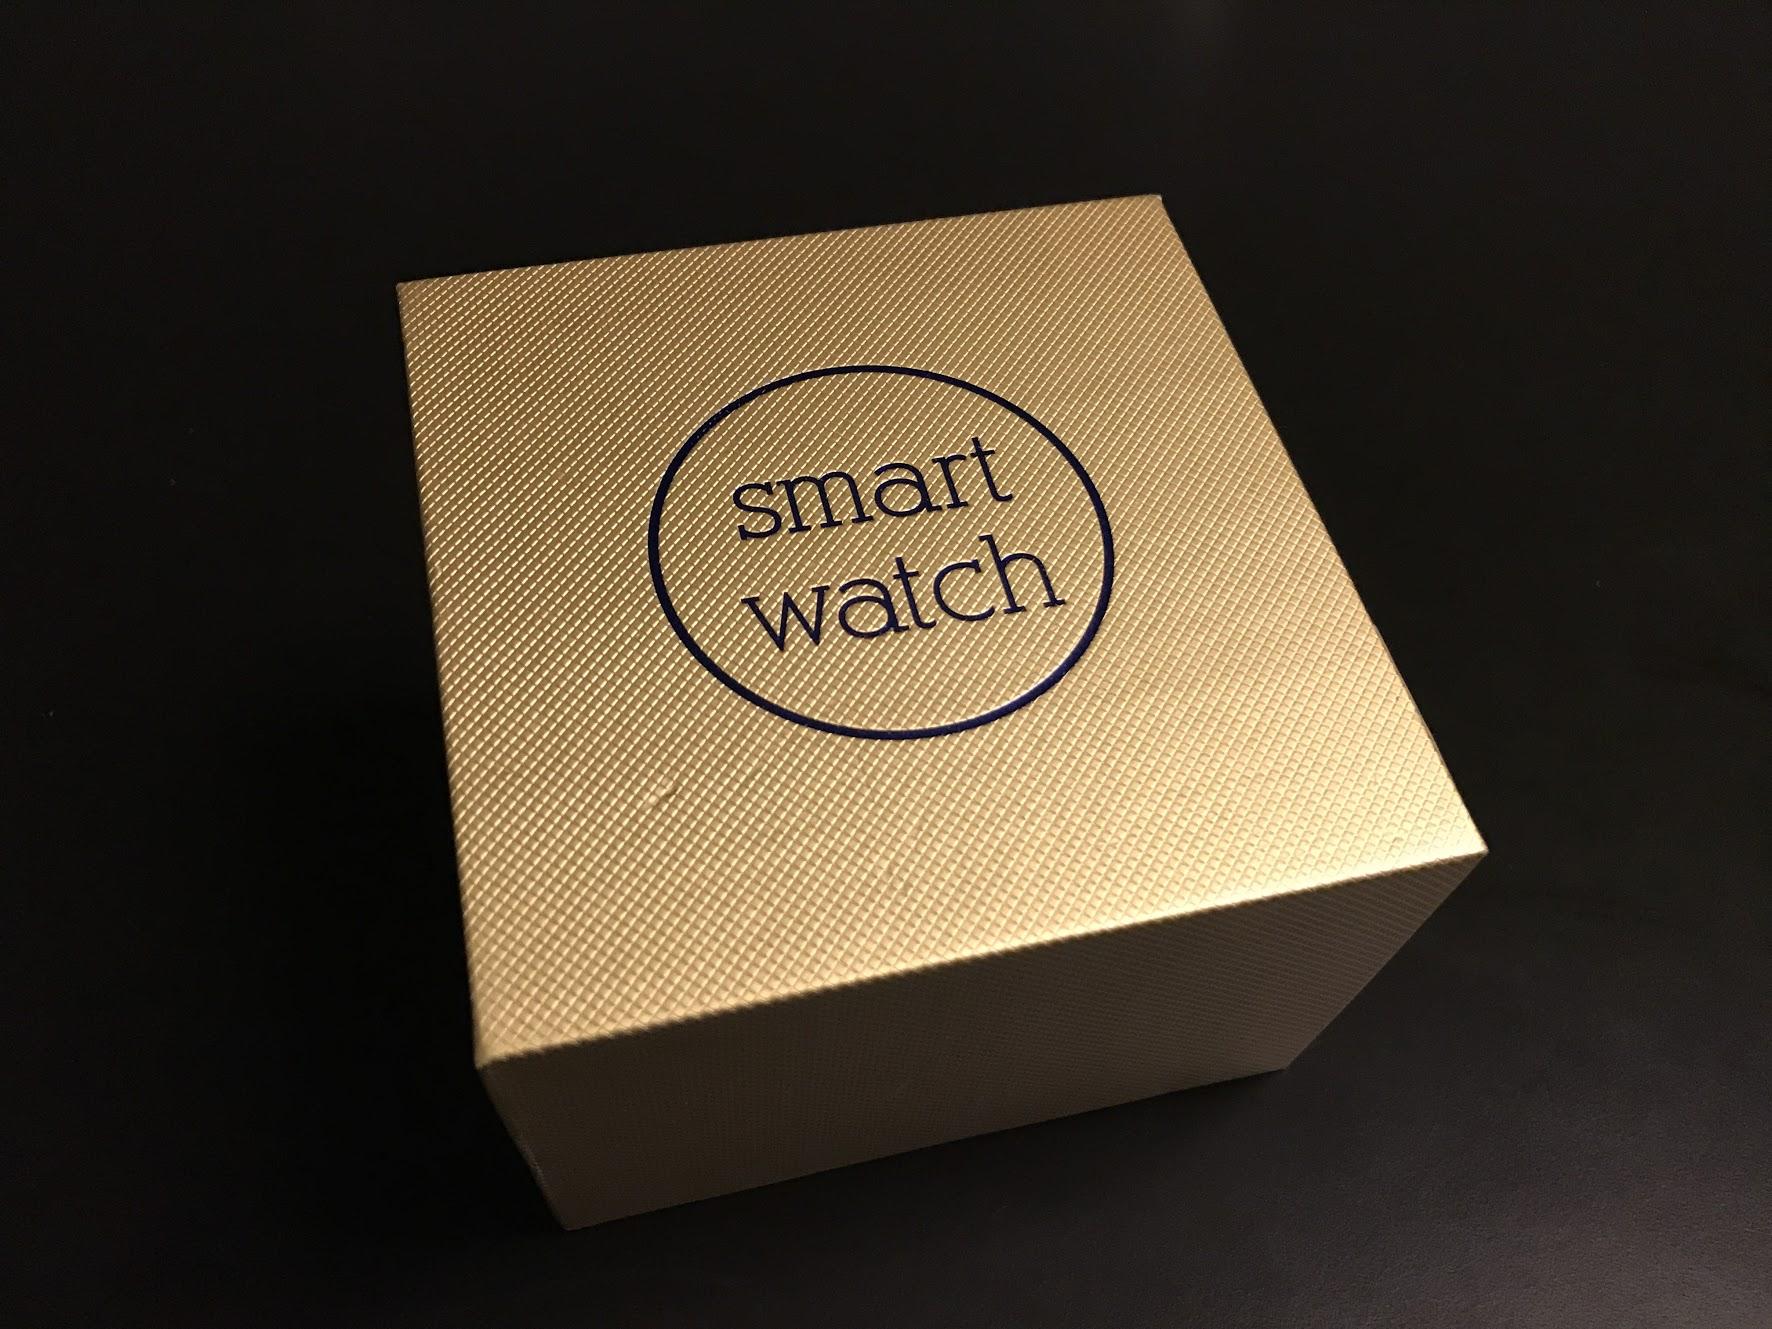 King Wear 18 Smartwatch Box